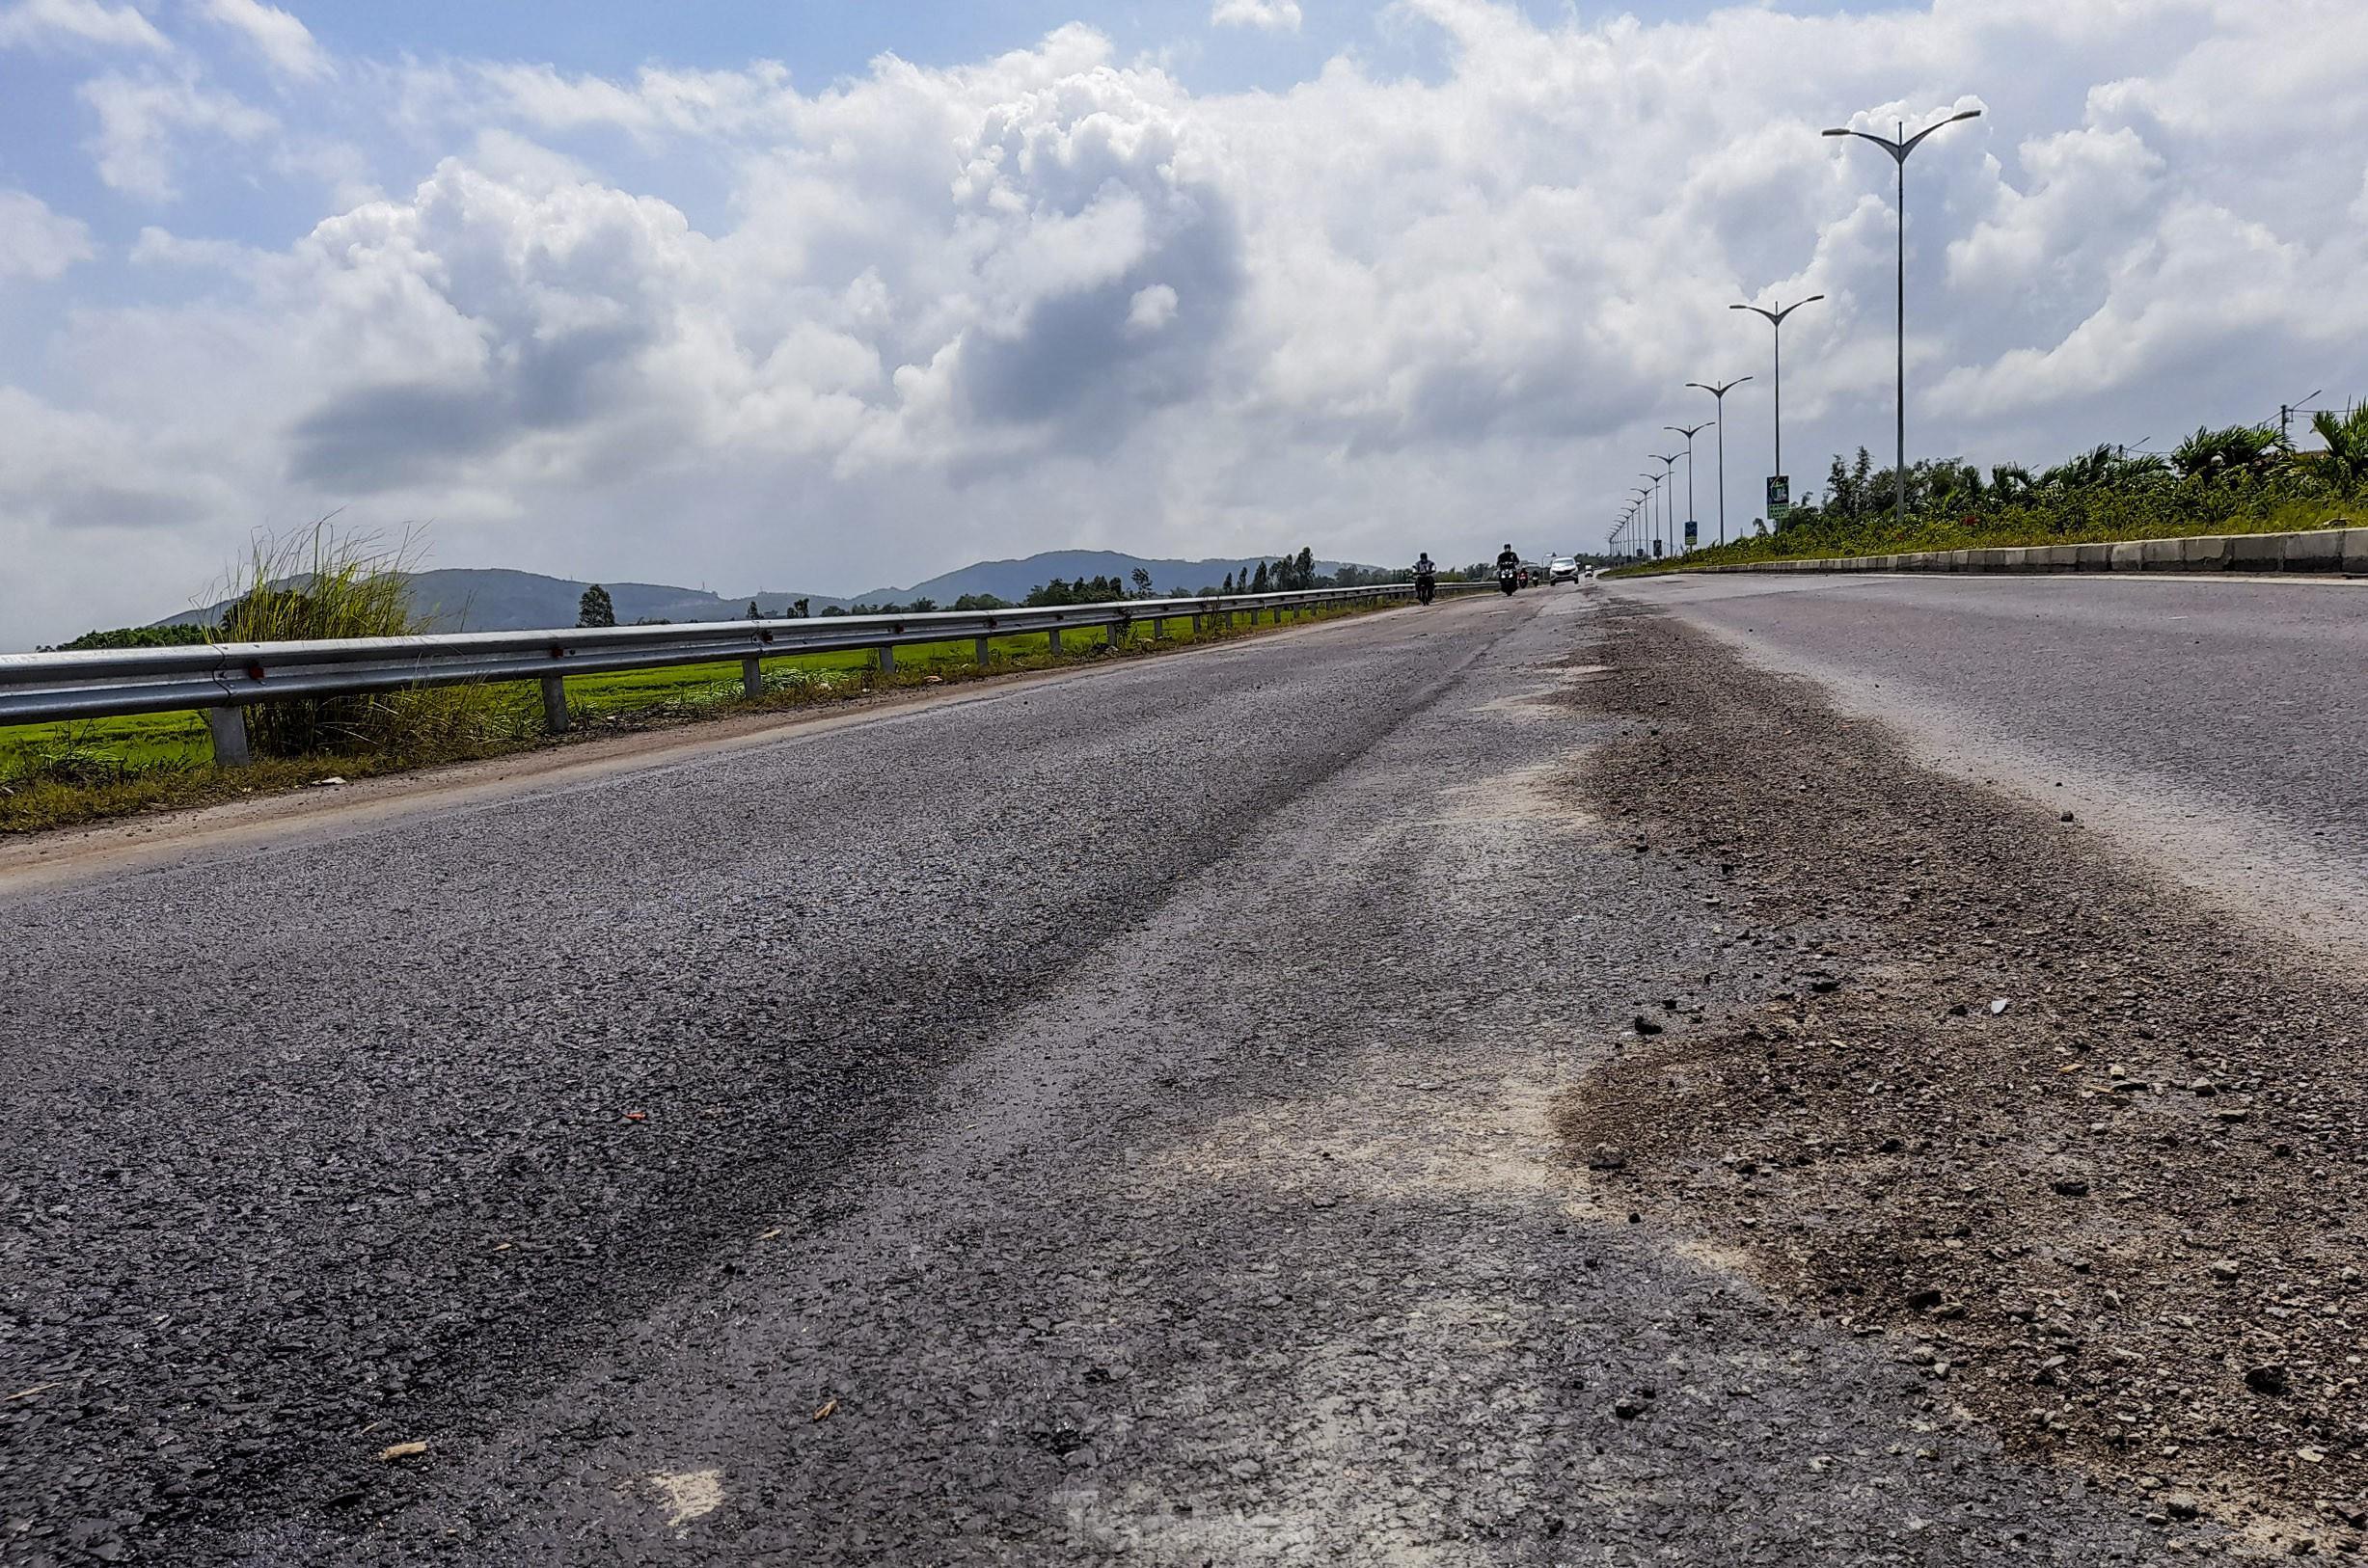 Quốc lộ nghìn tỷ vừa thông xe đã hư hỏng: Phê bình, kiểm điểm chủ đầu tư, nhà thầu Ảnh 1